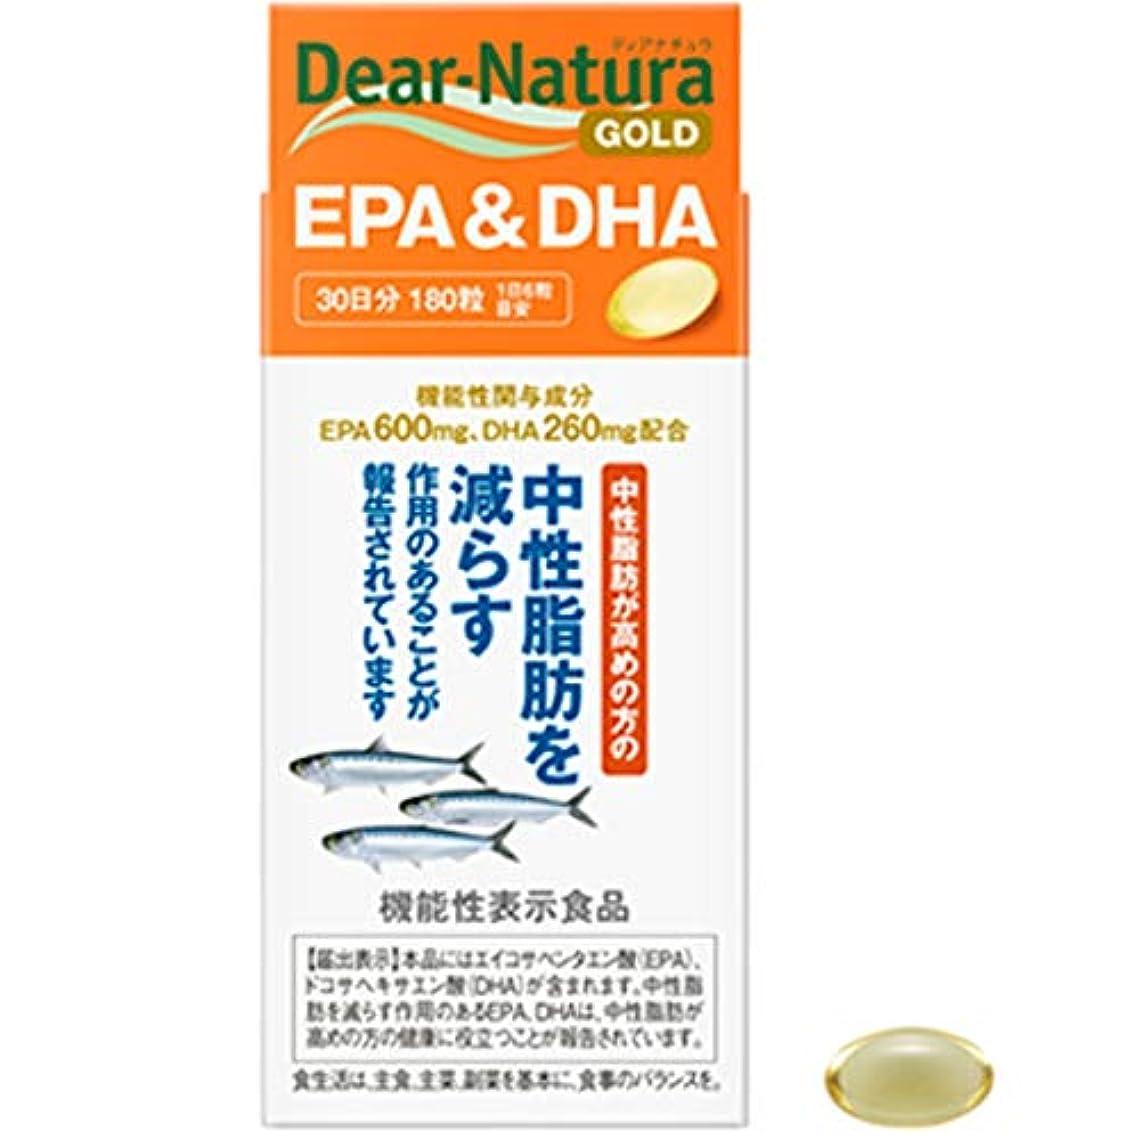 上陸名声楕円形ディアナチュラゴールド EPA&DHA 30日分 180粒入×5個セット